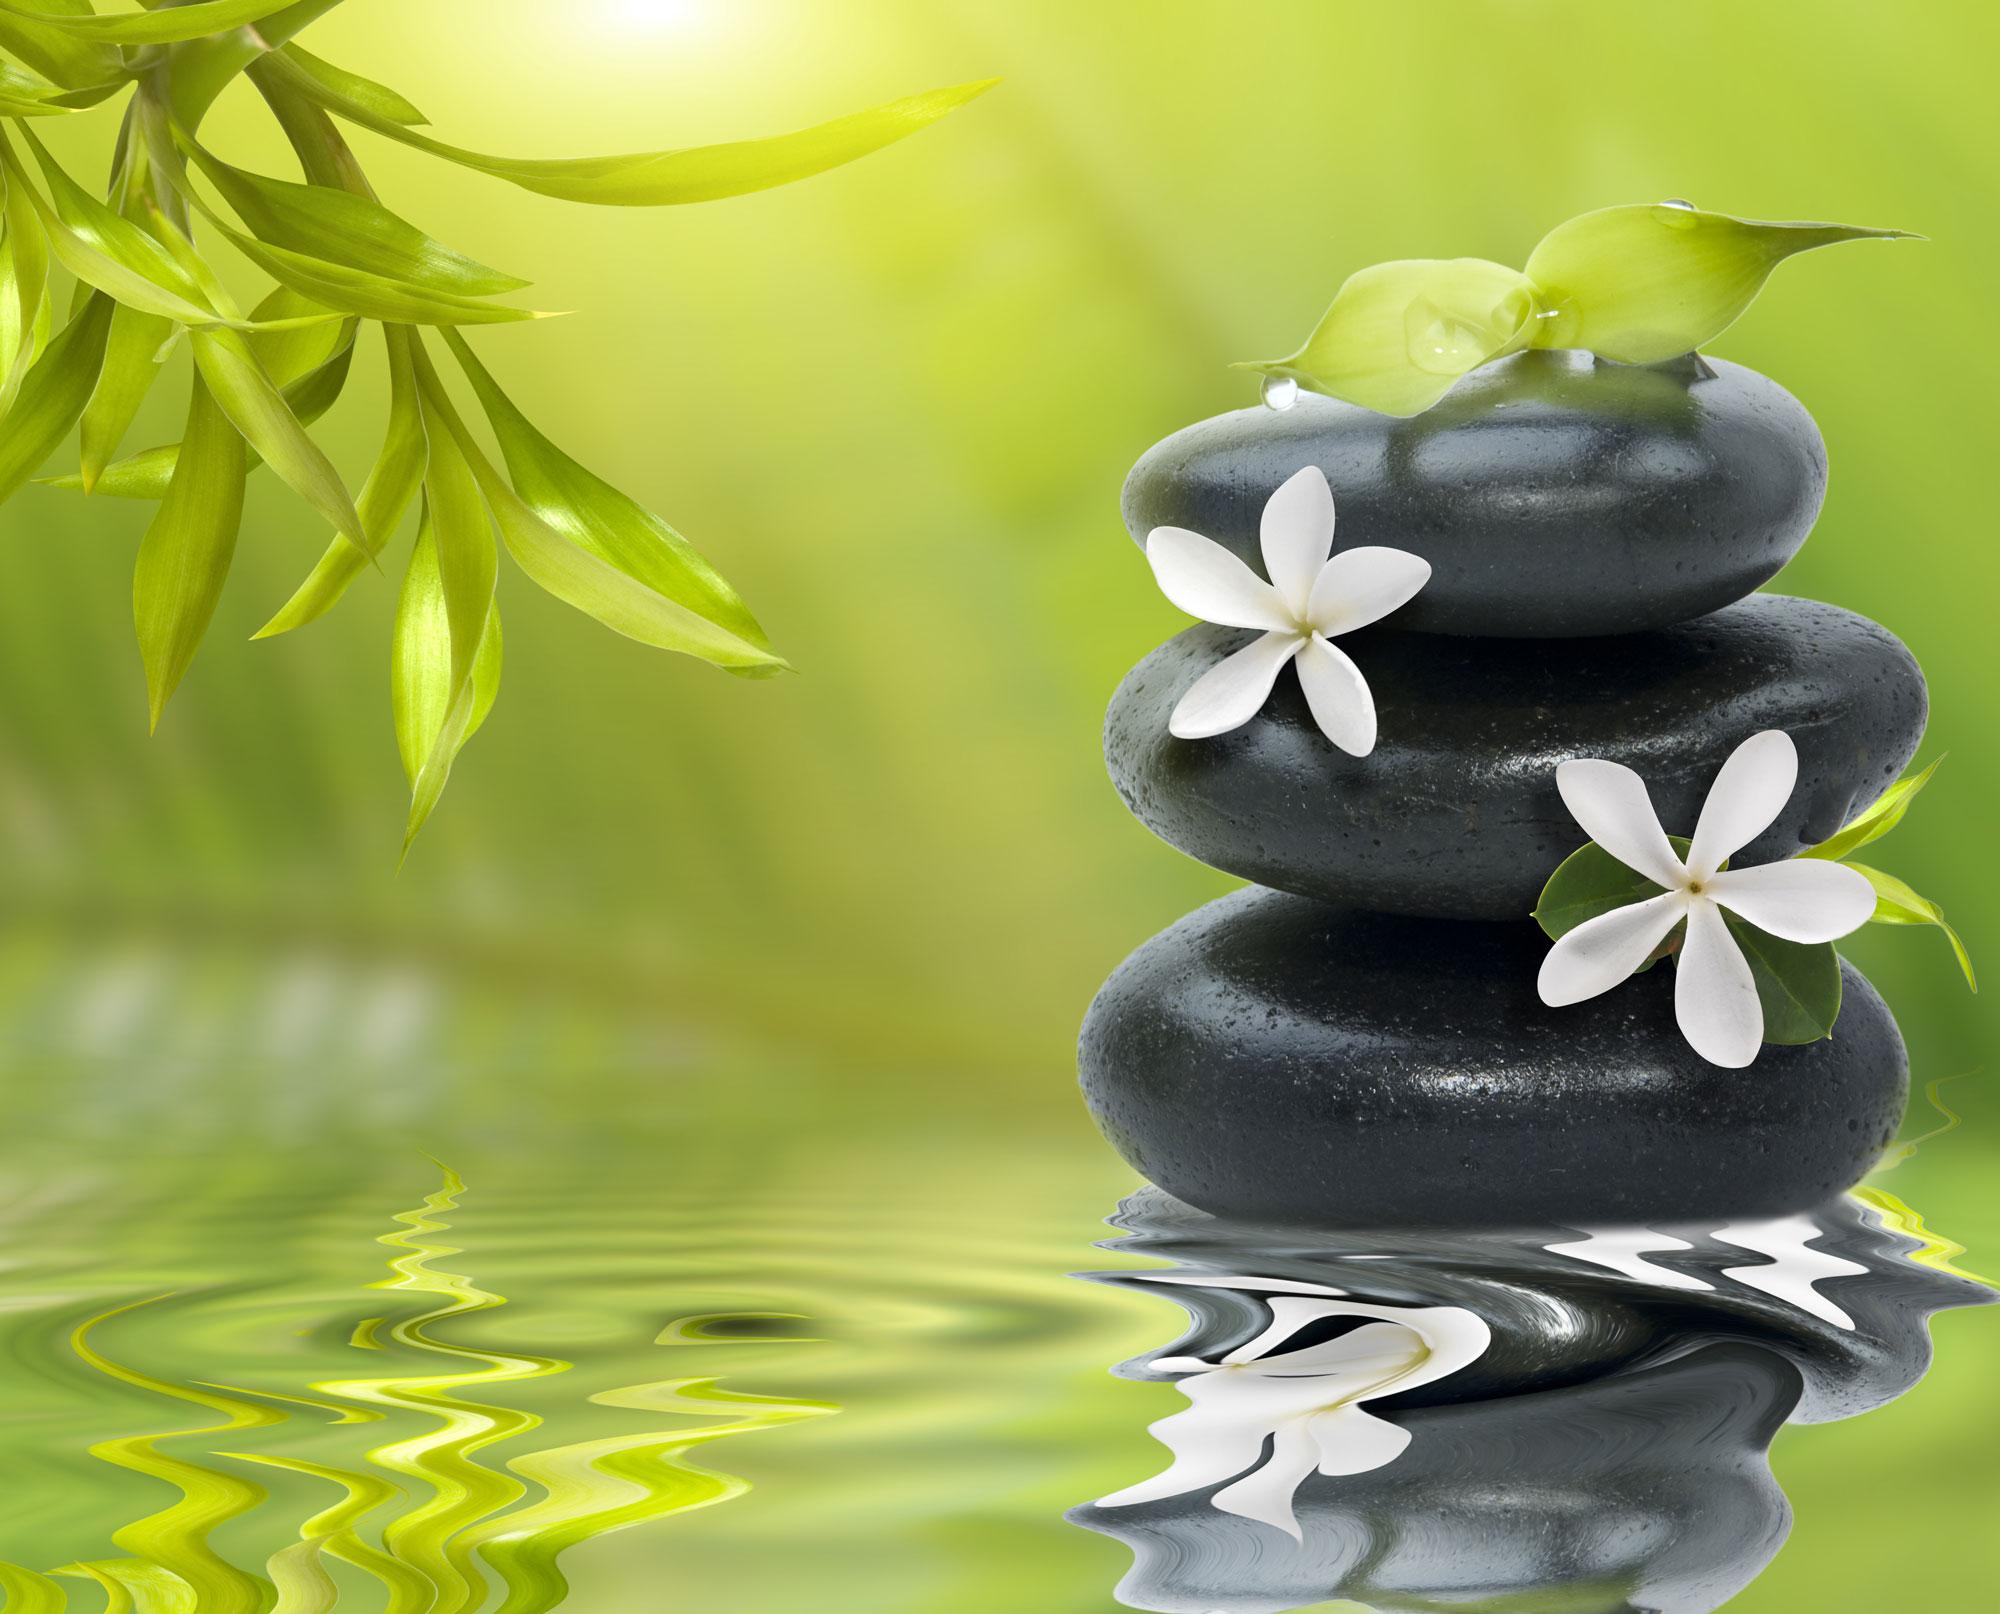 harmony stones in water